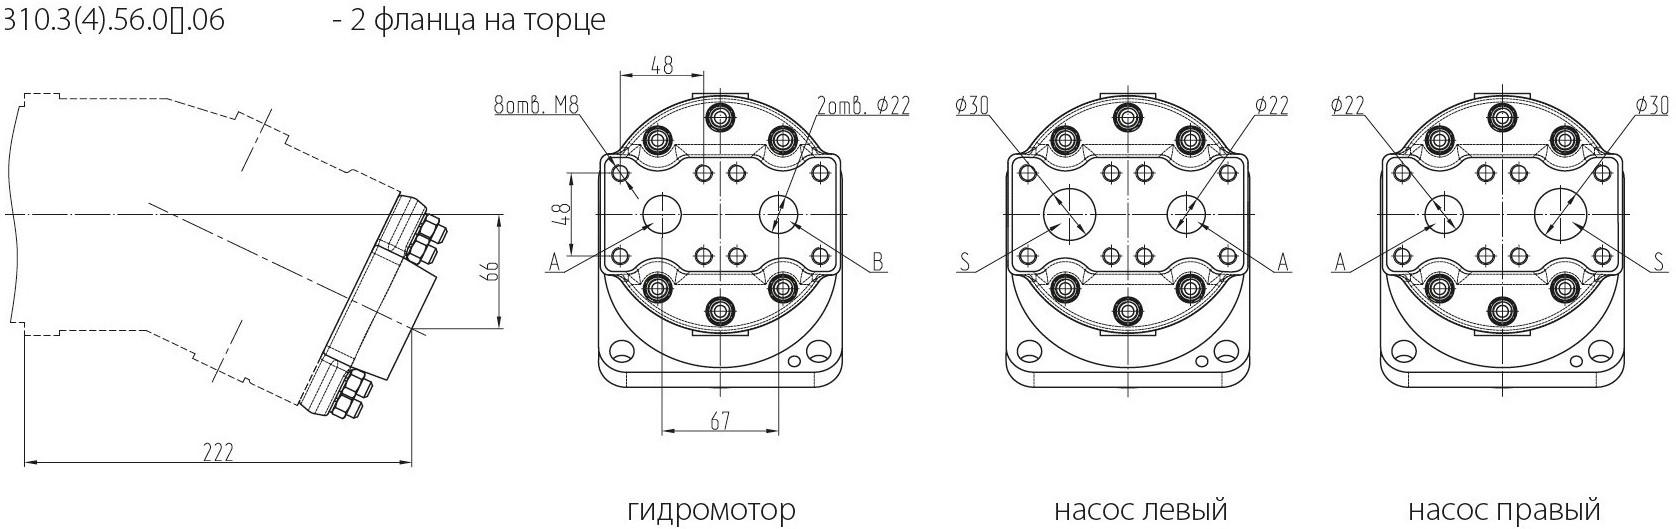 310.3.56.04.06 Присоединение рабочих линий встроенная аппаратура